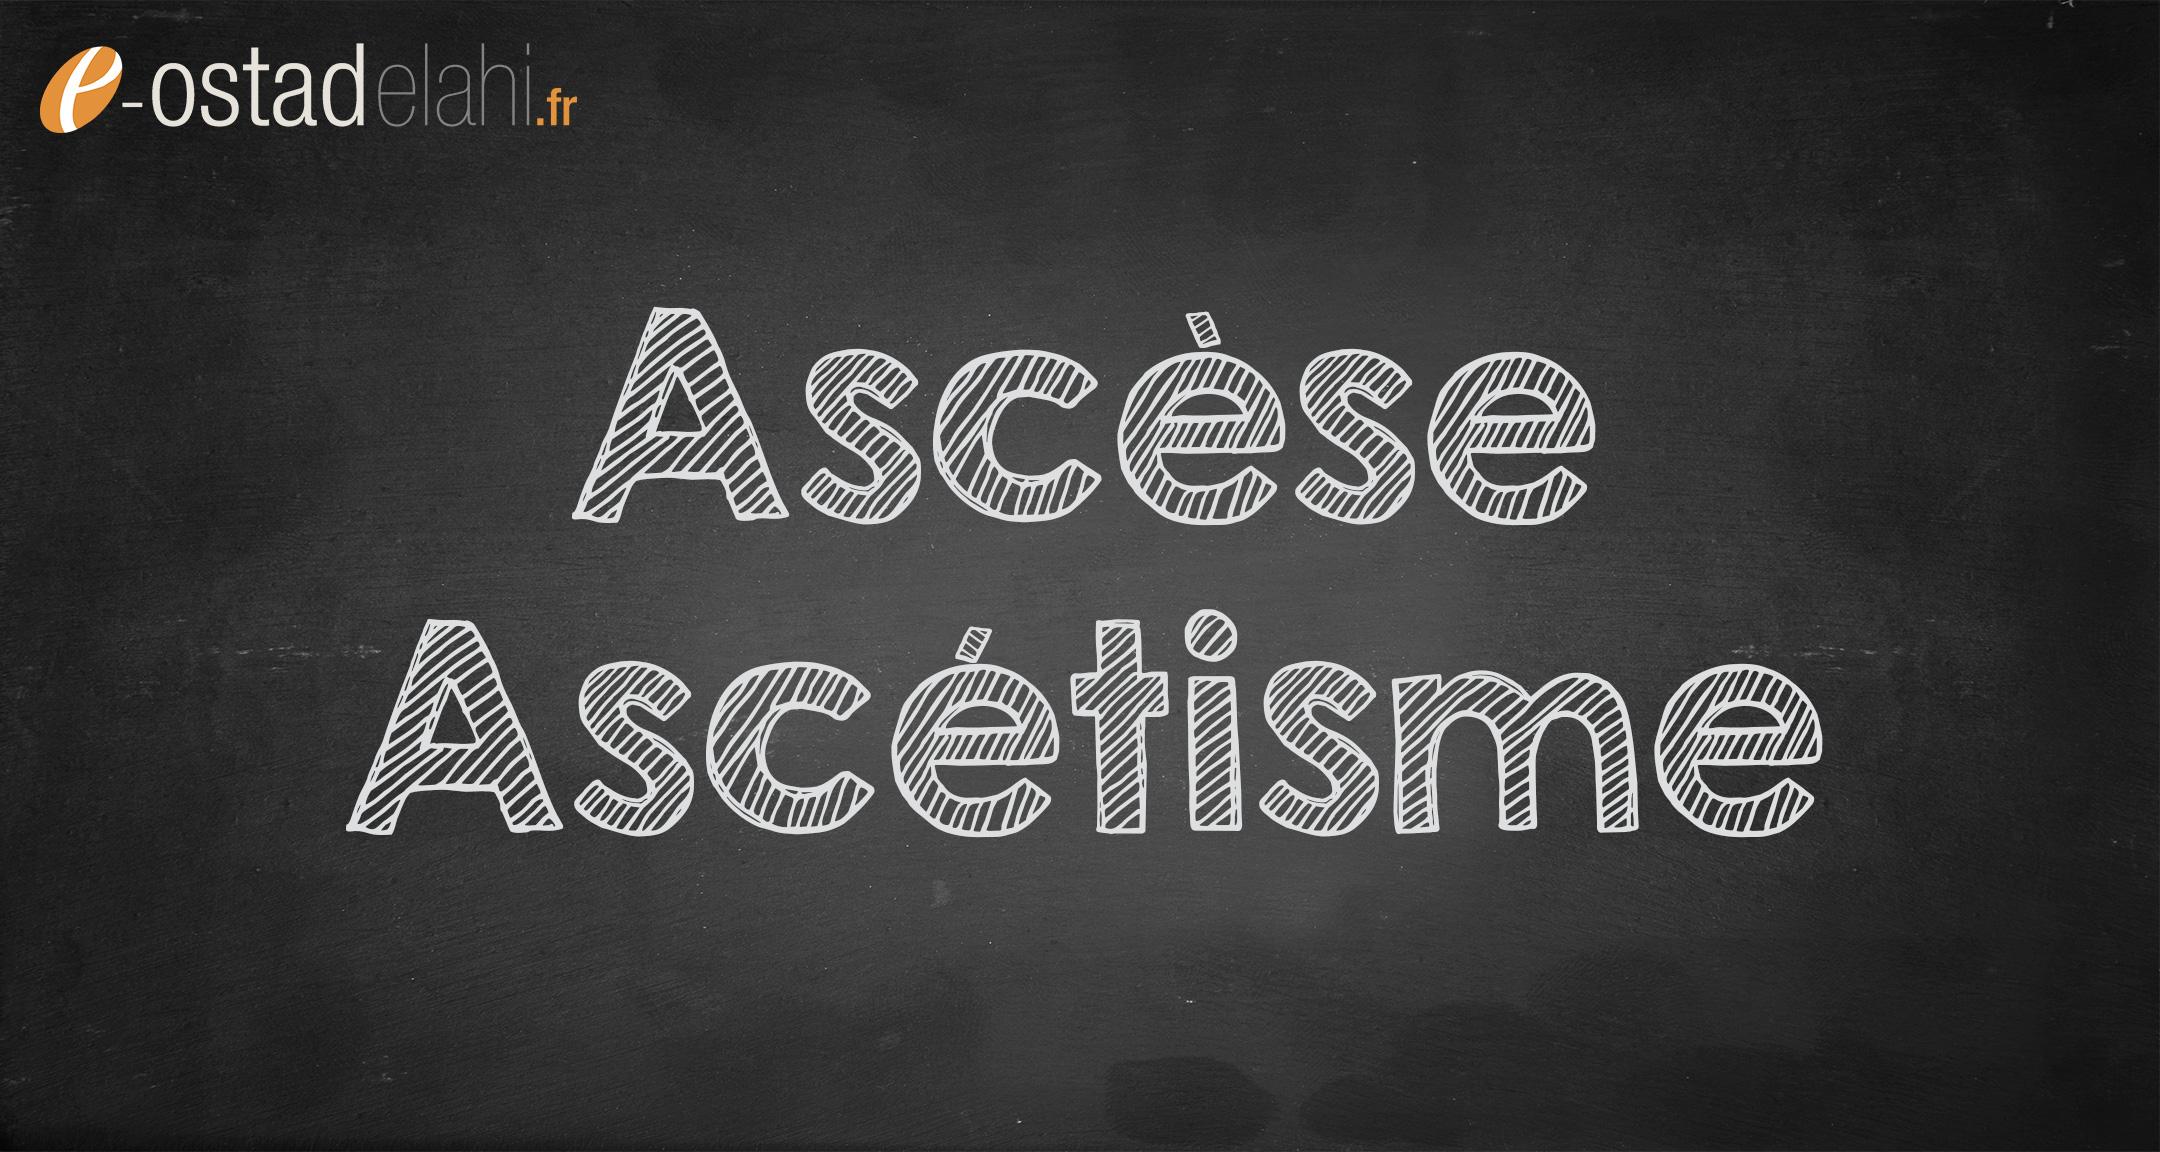 ascèse, ascétisme